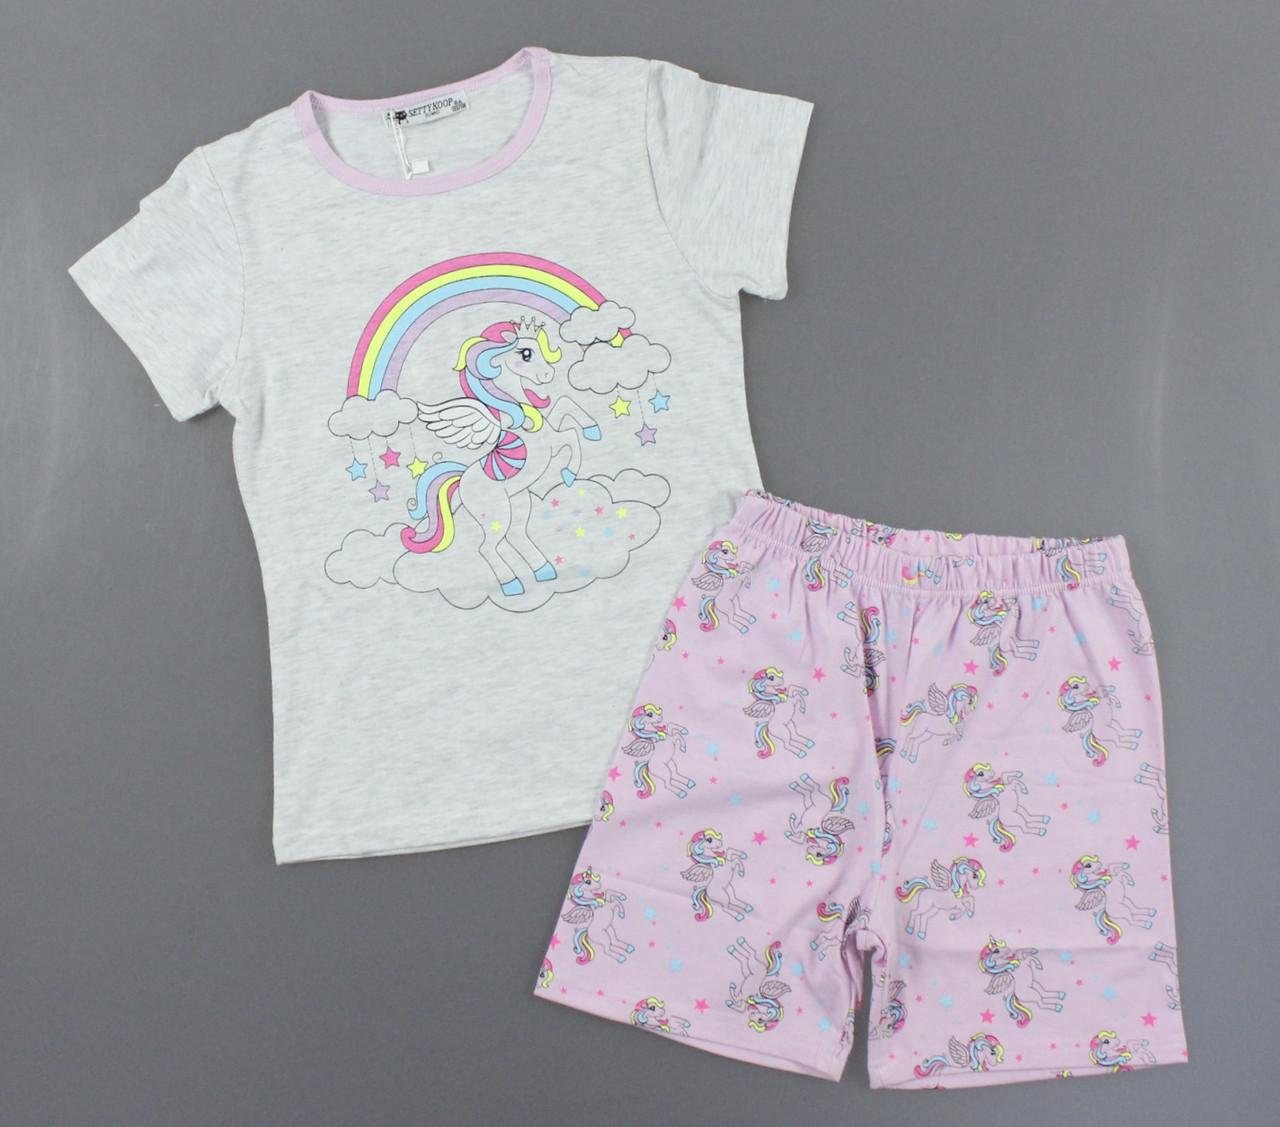 Піжама для дівчаток Setty Koop, 8-16 років. Артикул: PJM115-сірий [10 років] 12 років